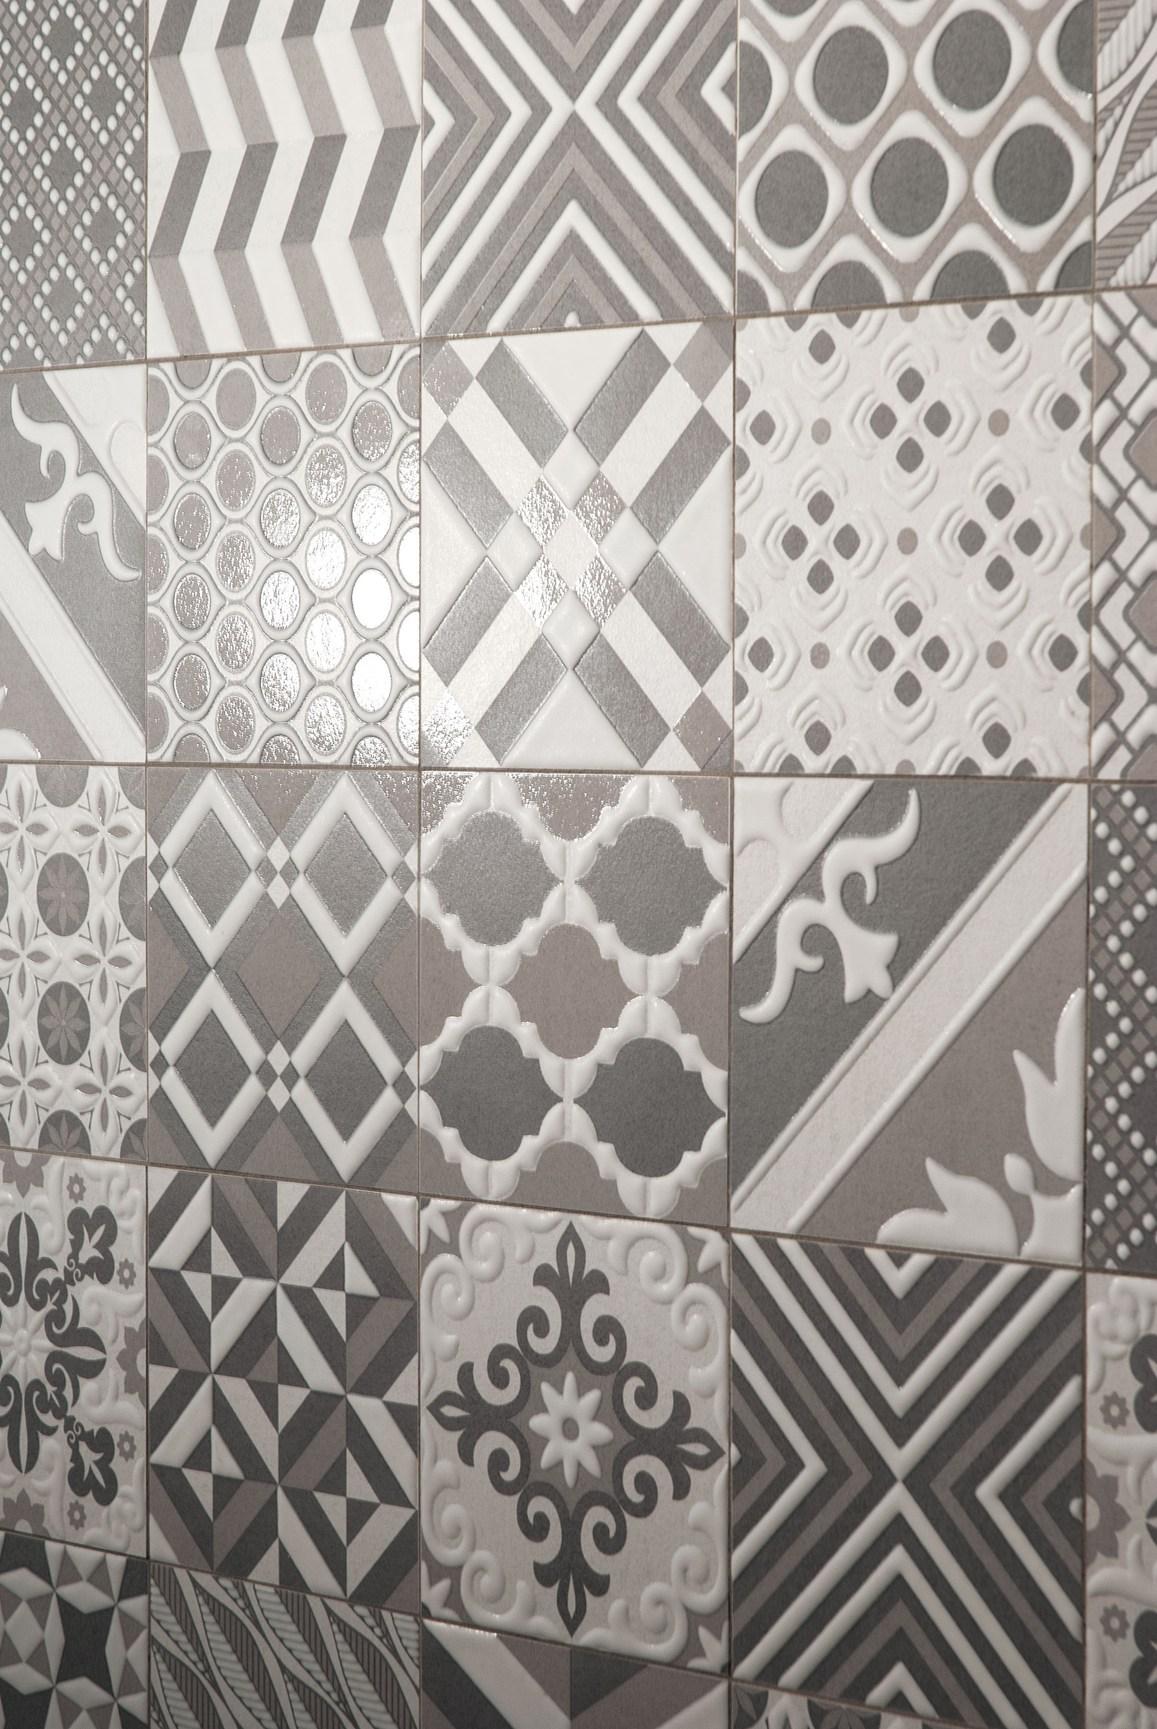 Faianta-Ceramica-Sant'Agostino-Matherea 7